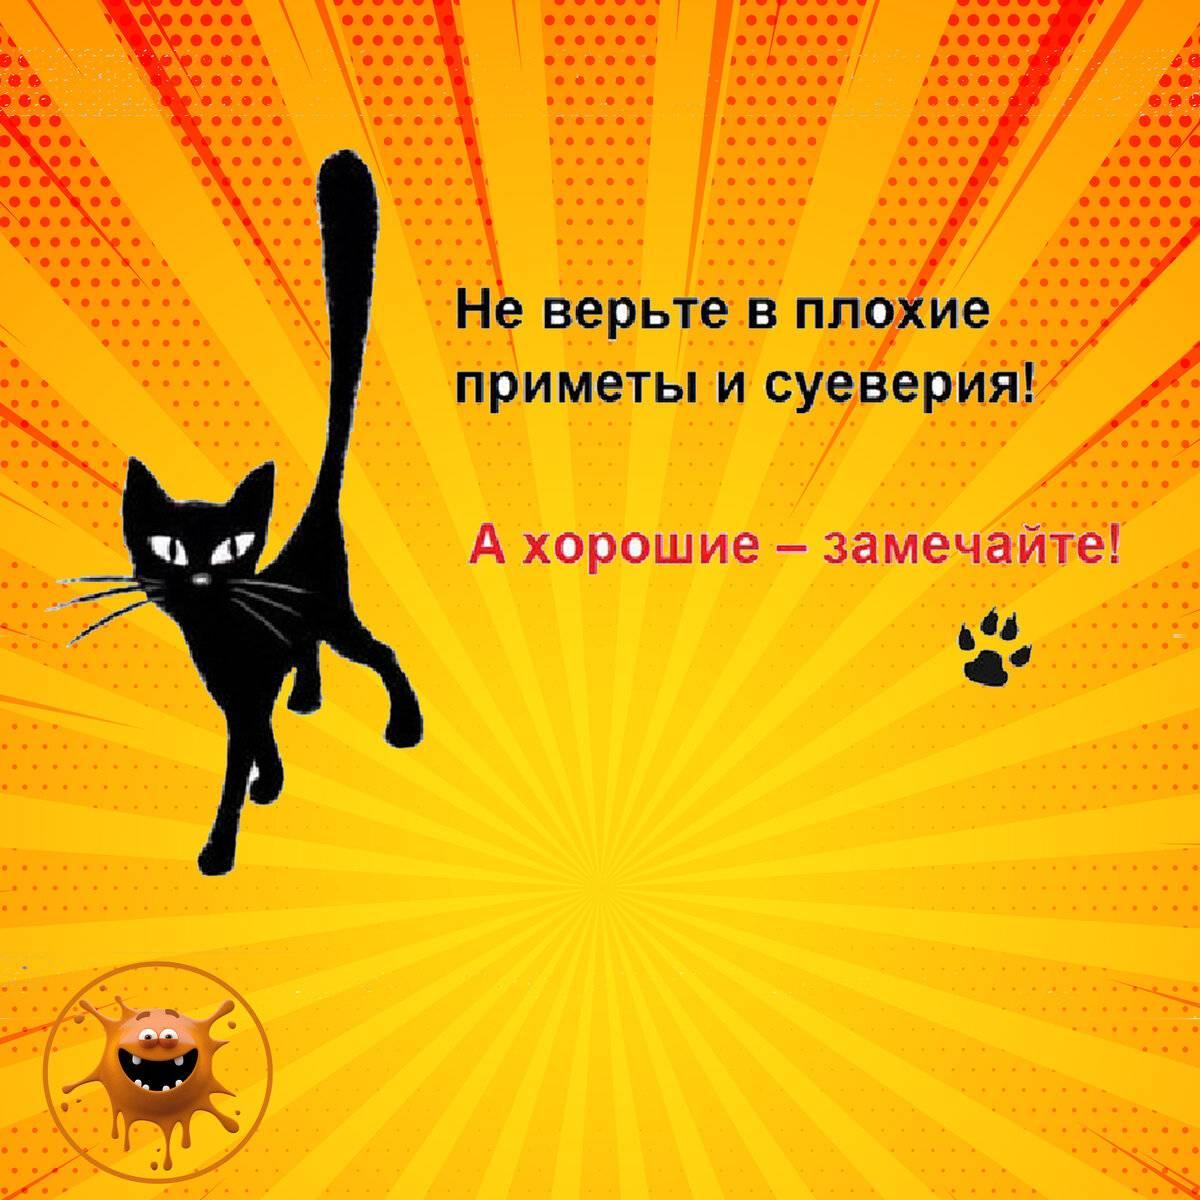 Черный кот — предвестник несчастья или символ удачи и богатства?